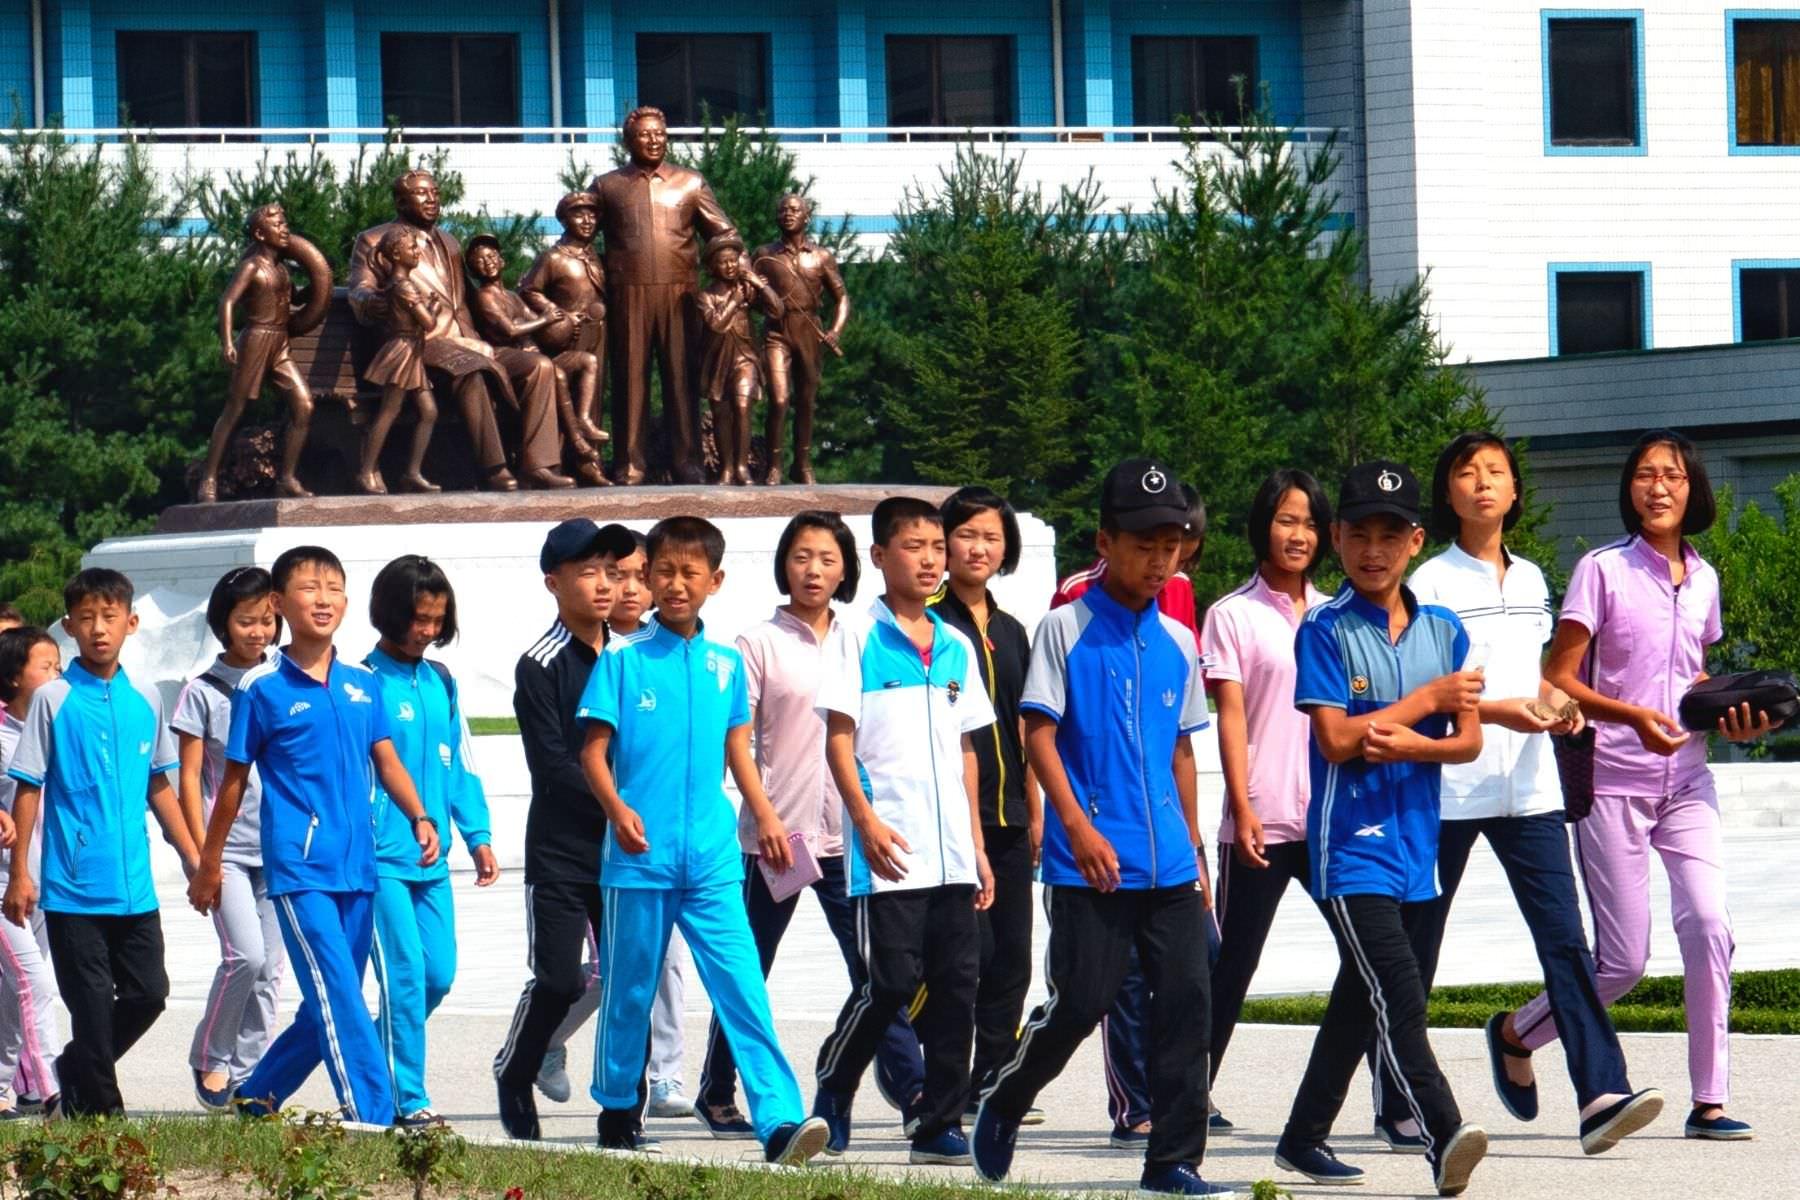 Campamento de Verano de Songdowon en Wonsan, Corea del Norte (RPDC) con KTG® Tours